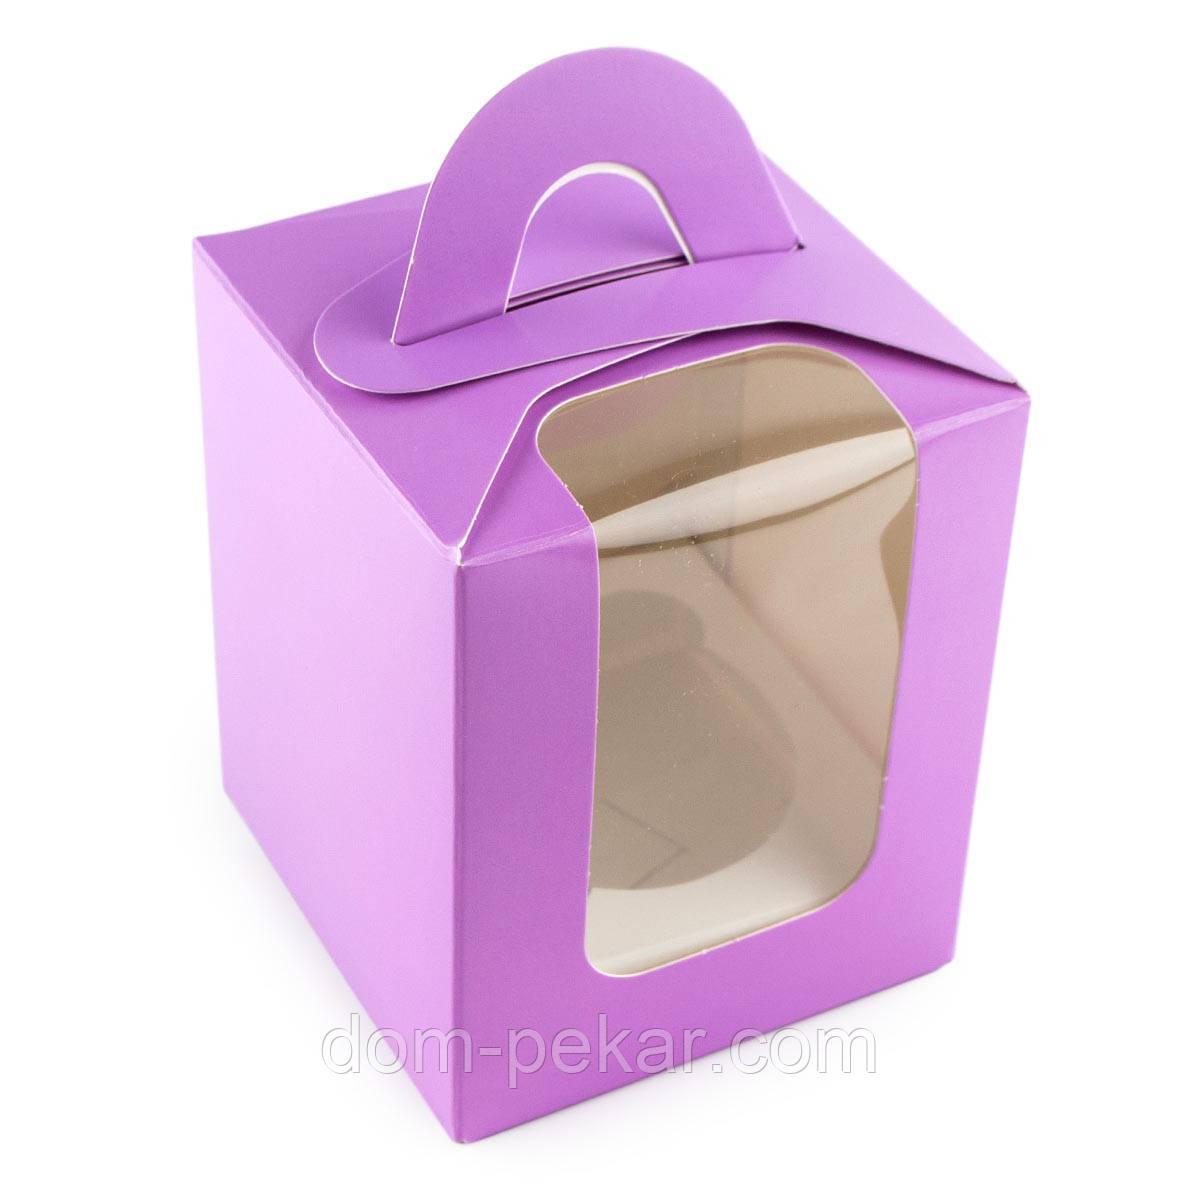 Упаковка для кексов с окошком (на 1шт) с ручкой Сиреневая